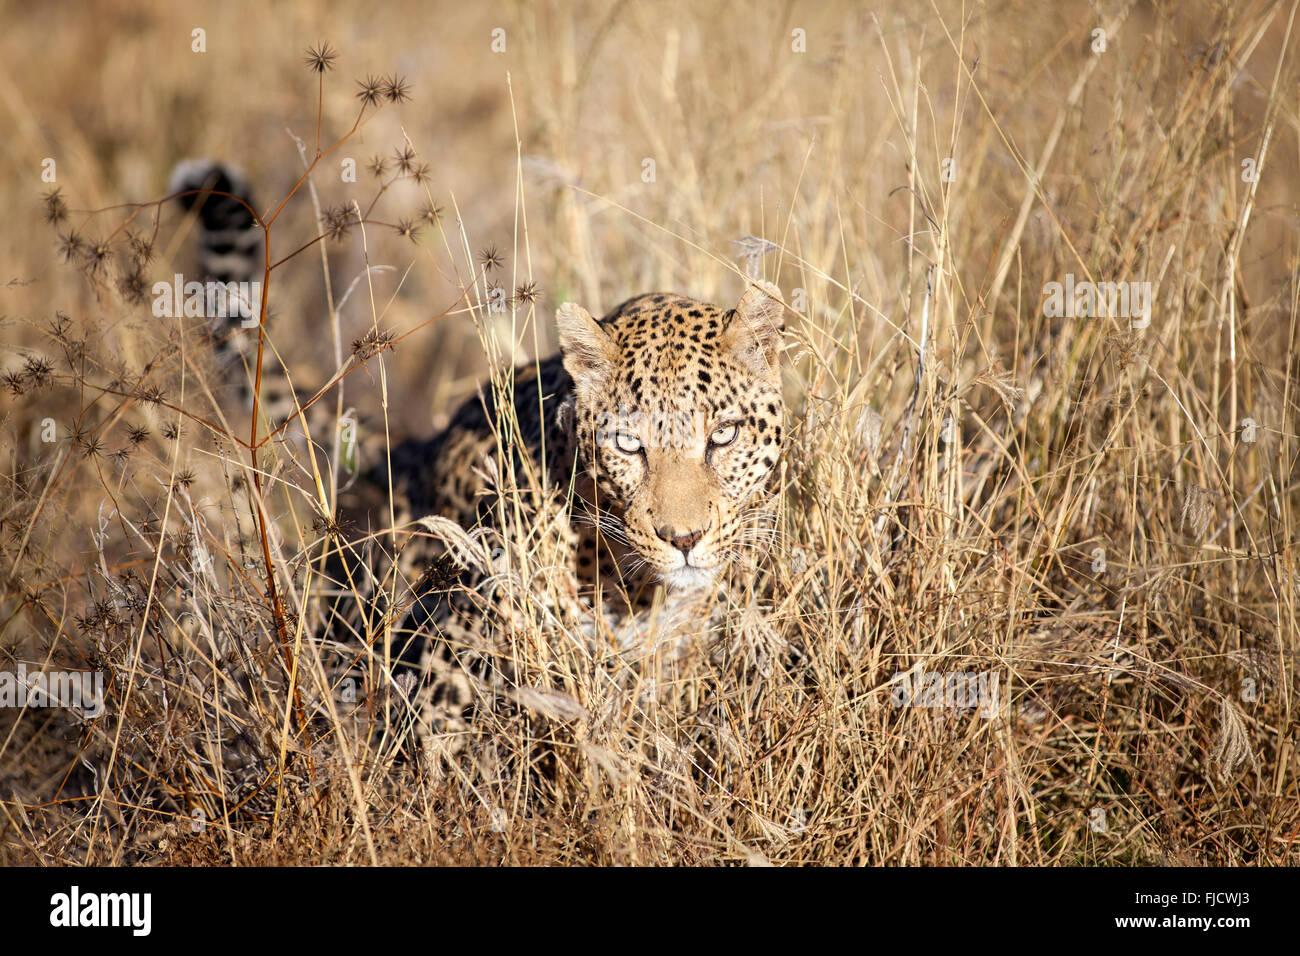 Un leopard cacce in il Bushveld Immagini Stock